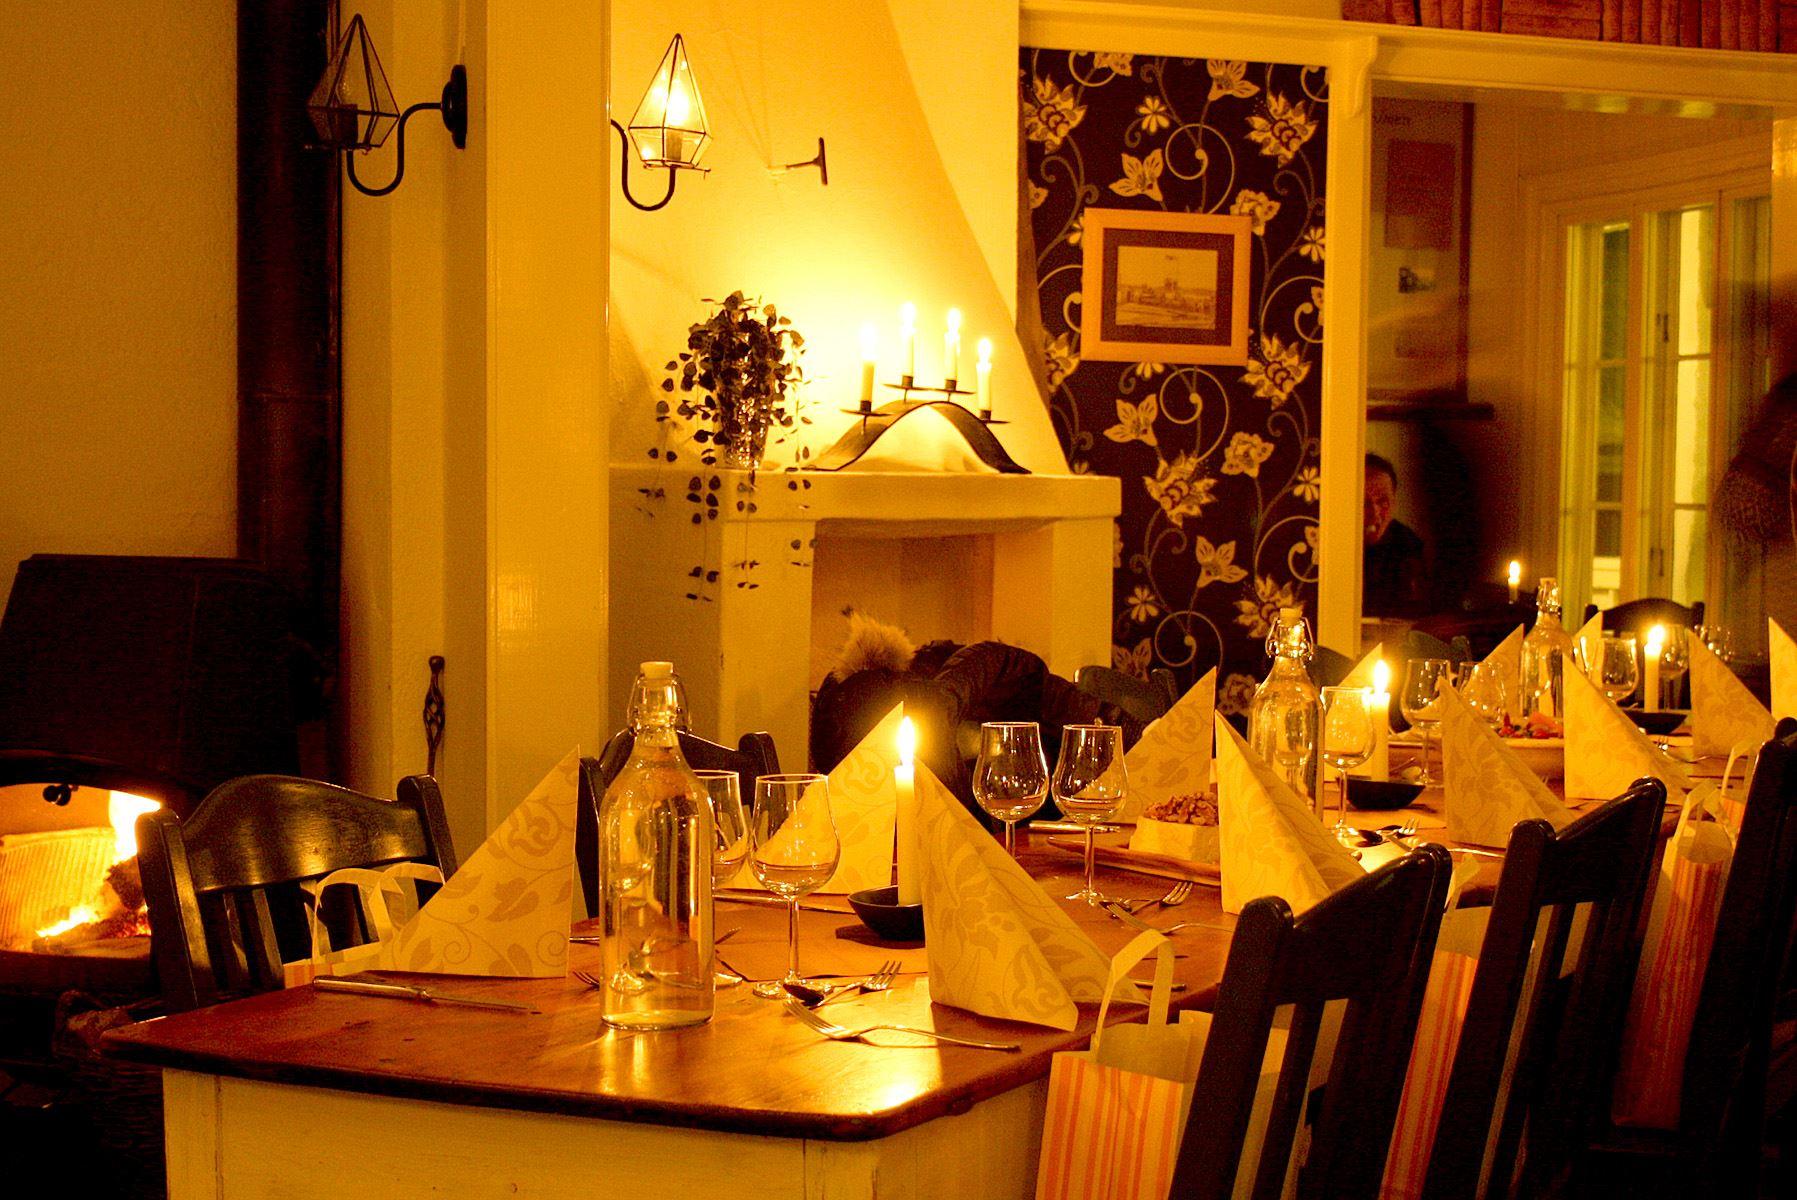 Kungsholmen Restaurang & Konferens Hälsingland